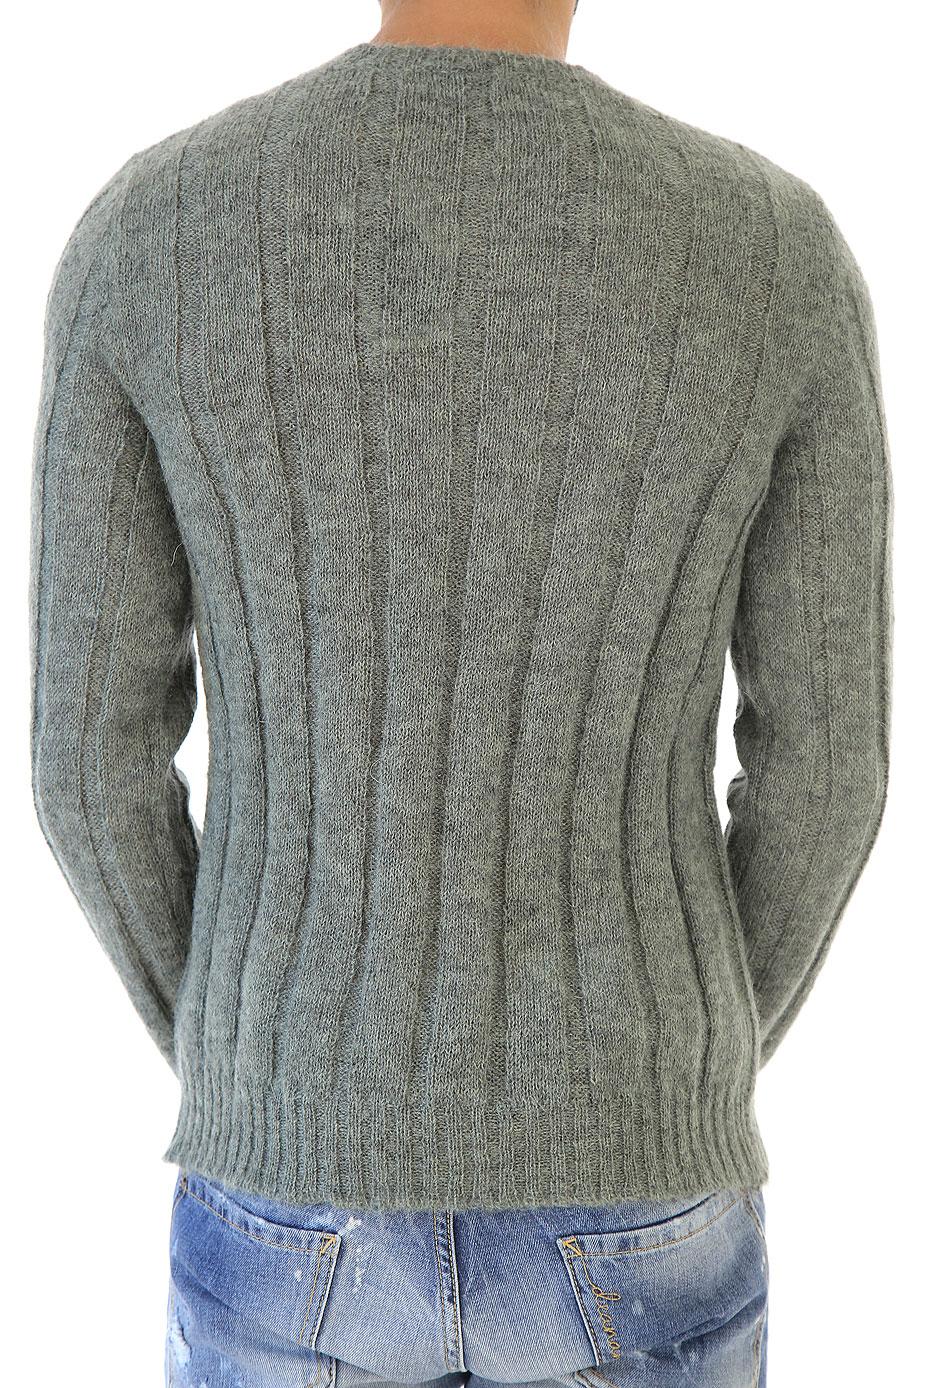 Abbigliamento Uomo Valentino, Codice Articolo: nv0kc22r-4ml-32d